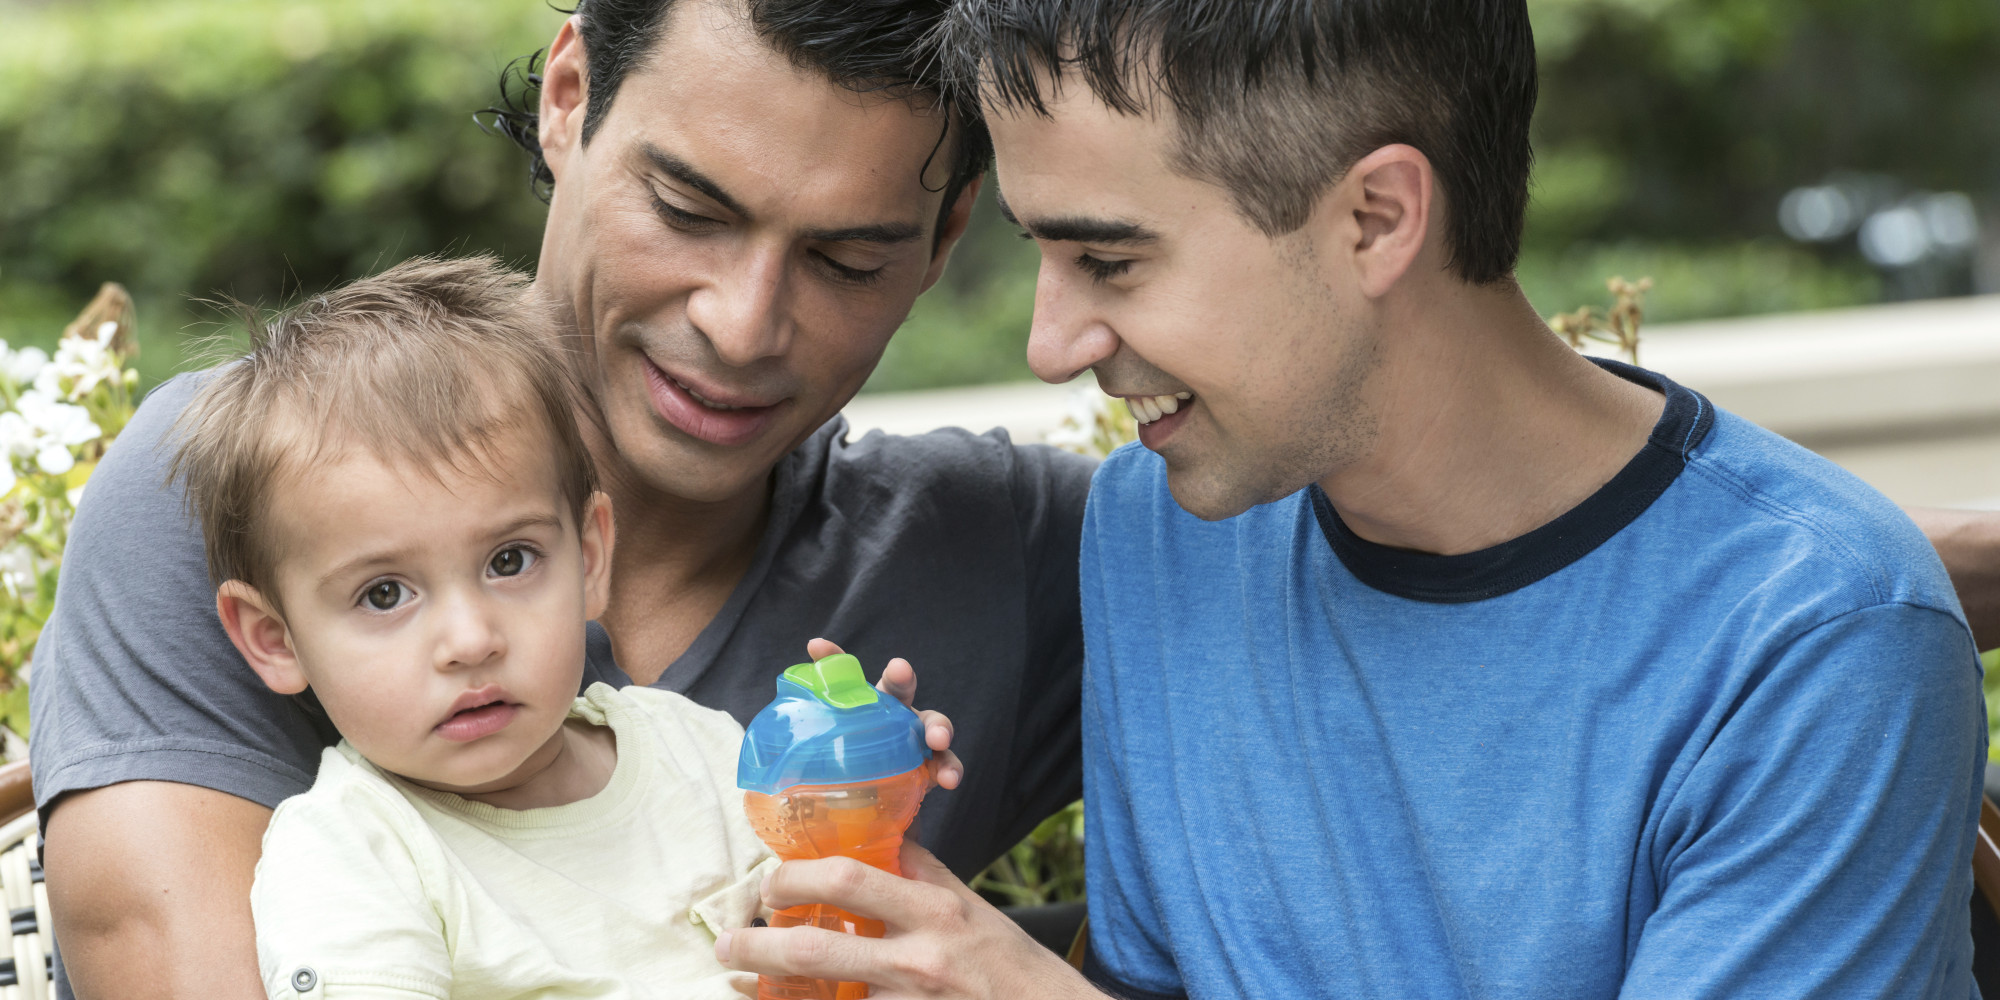 Juez grande marlaska homosexual parenting